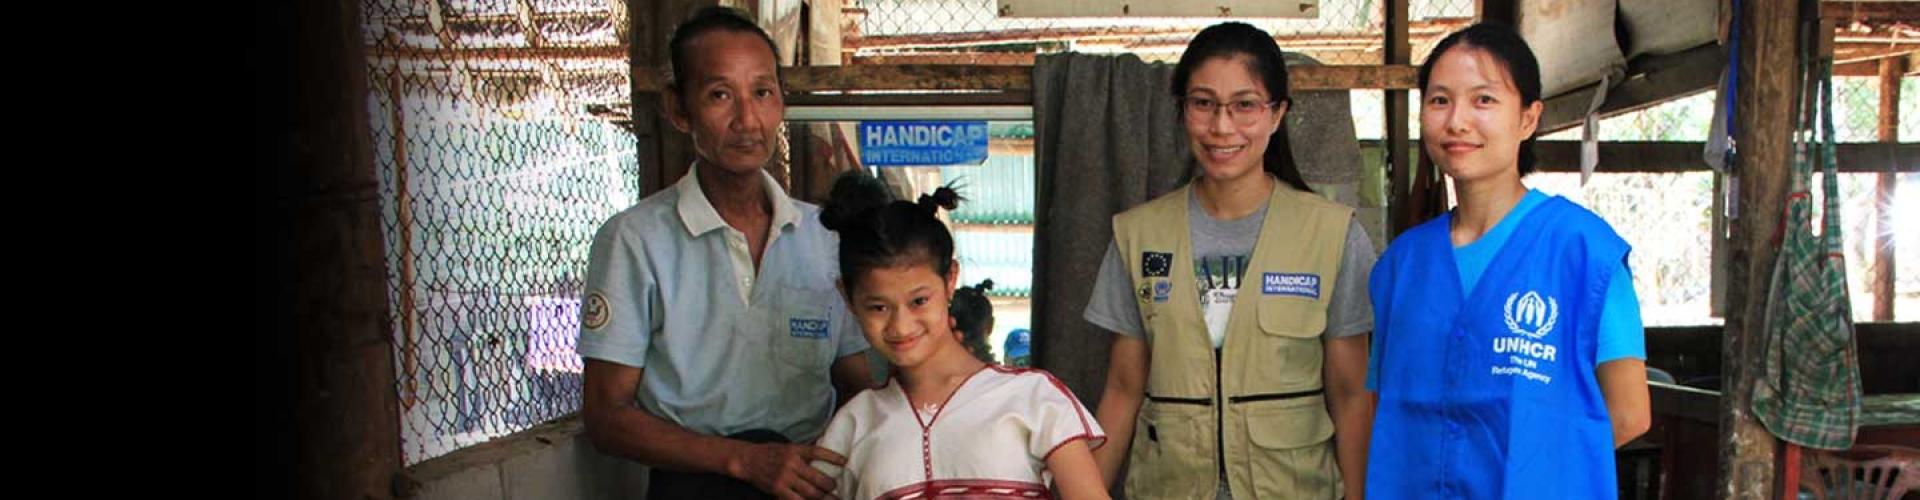 Kwa Kyi | ควา จี คุณพ่อผู้ลี้ภัยผู้สร้างแรงบันดาลใจ